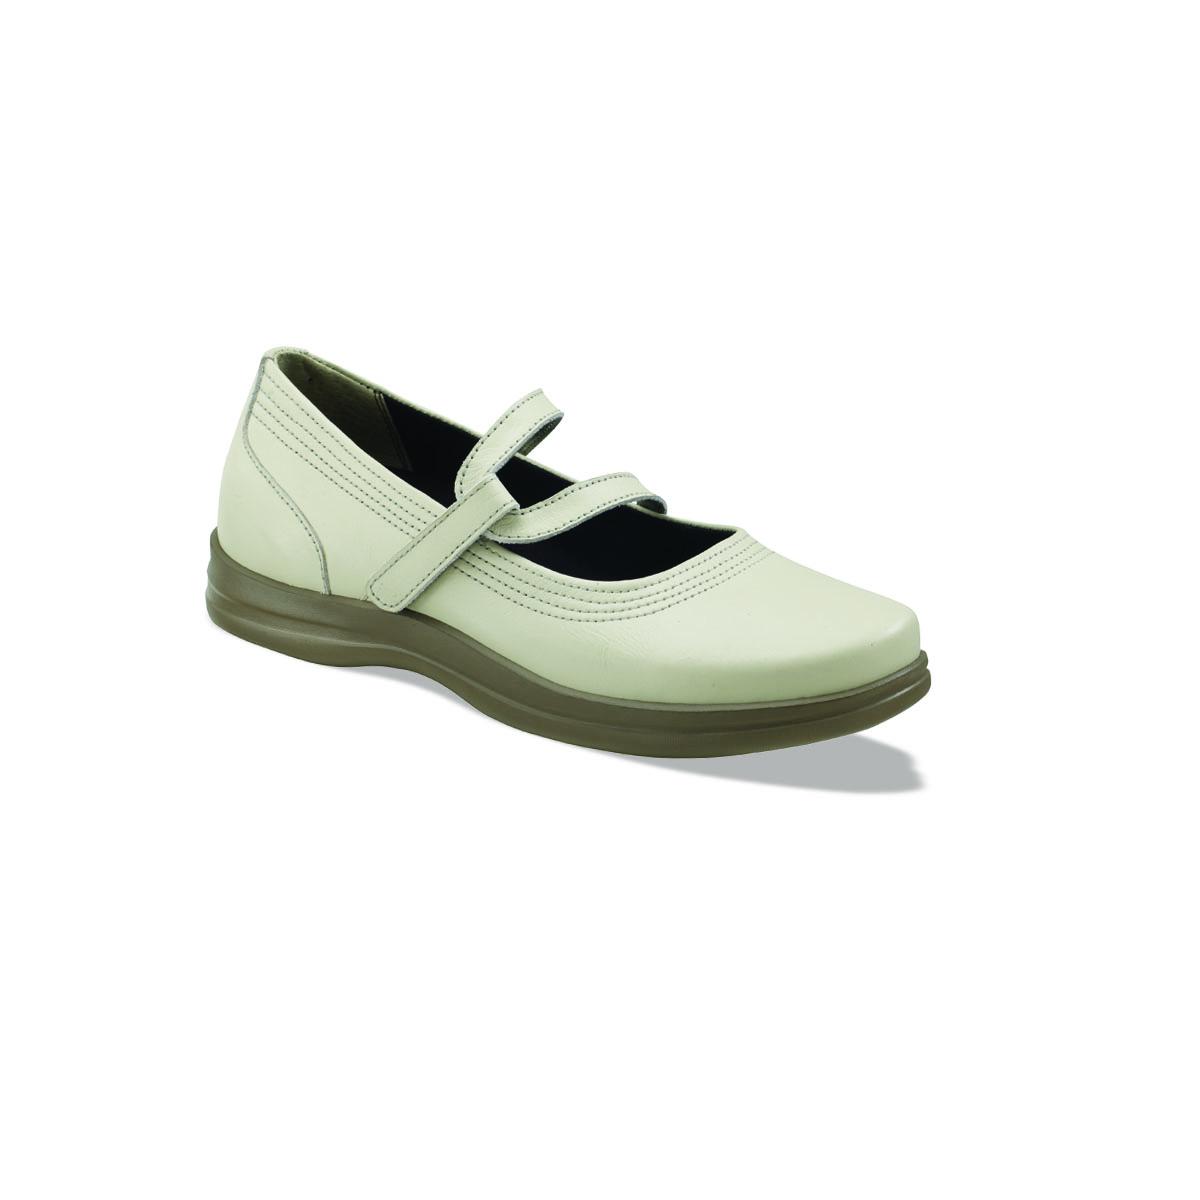 de114cd6c0f Apex Shoe Range - Good Foot Podiatry